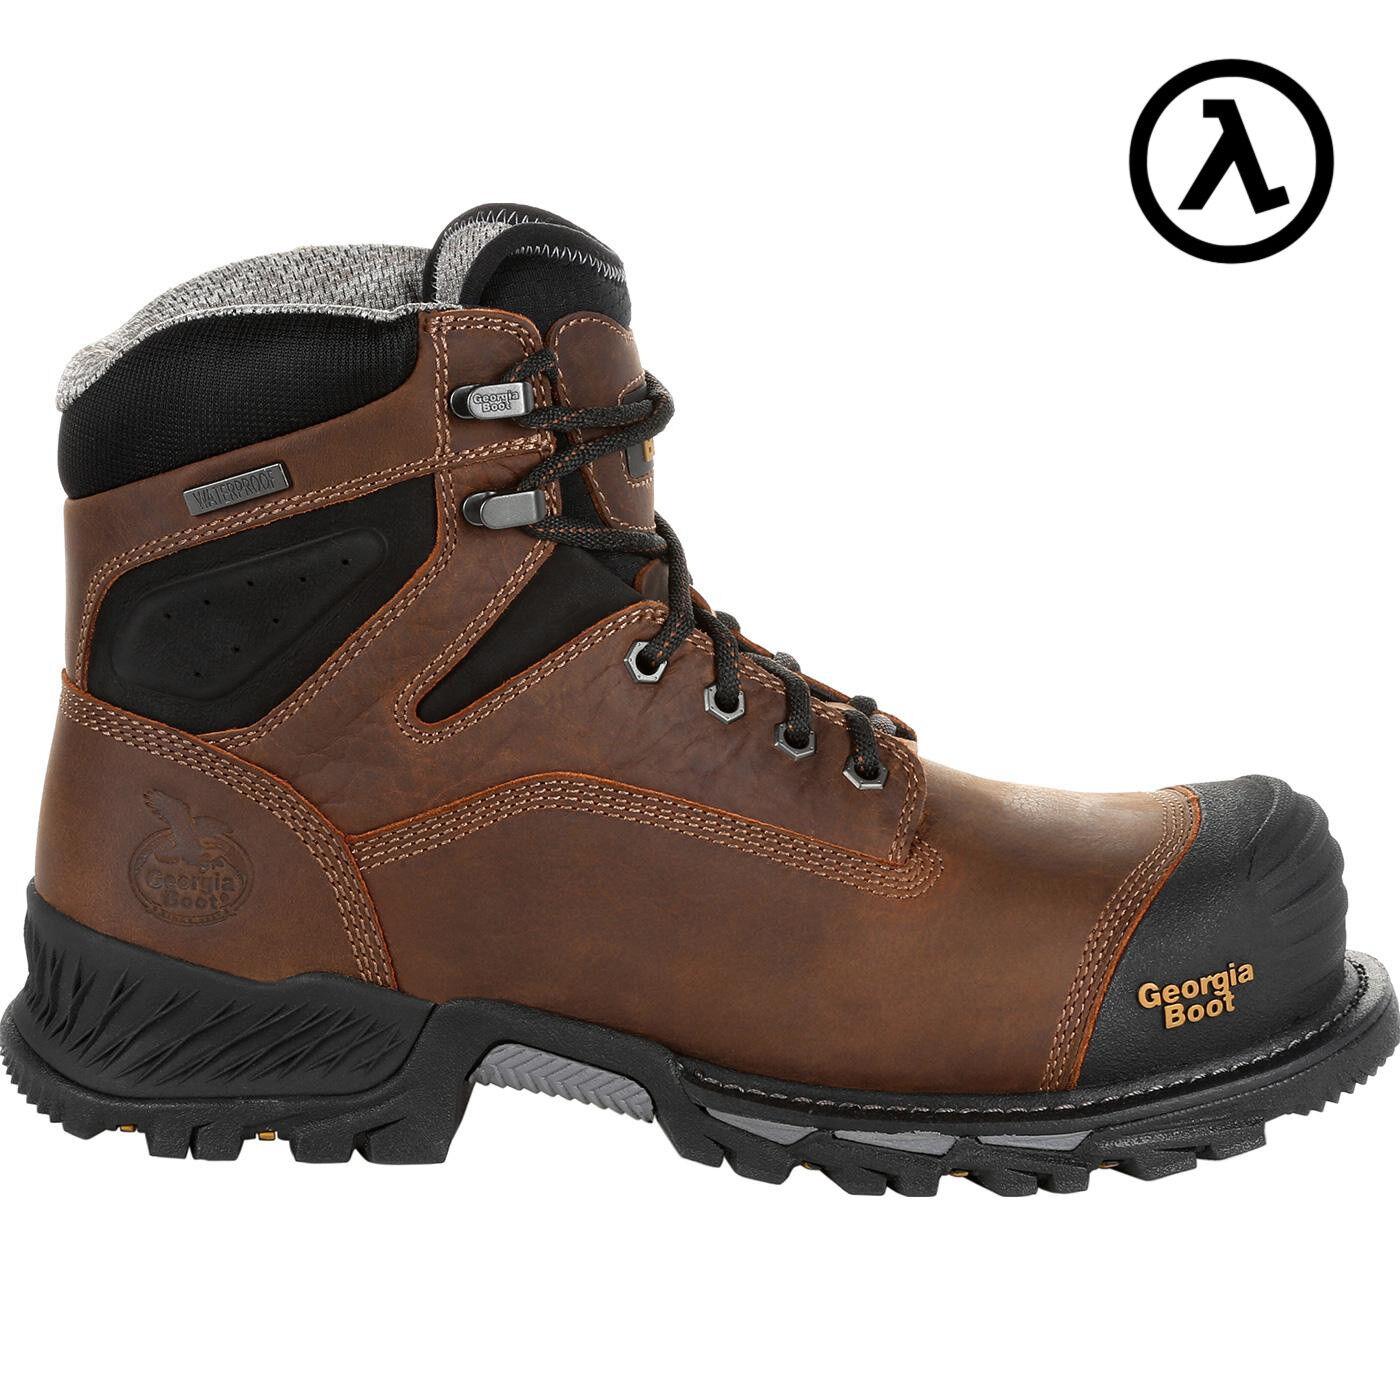 GEORGIA RUMBLER Composite Toe Impermeable botas De Trabajo GB00284  todos Los Tamaños-Nuevo